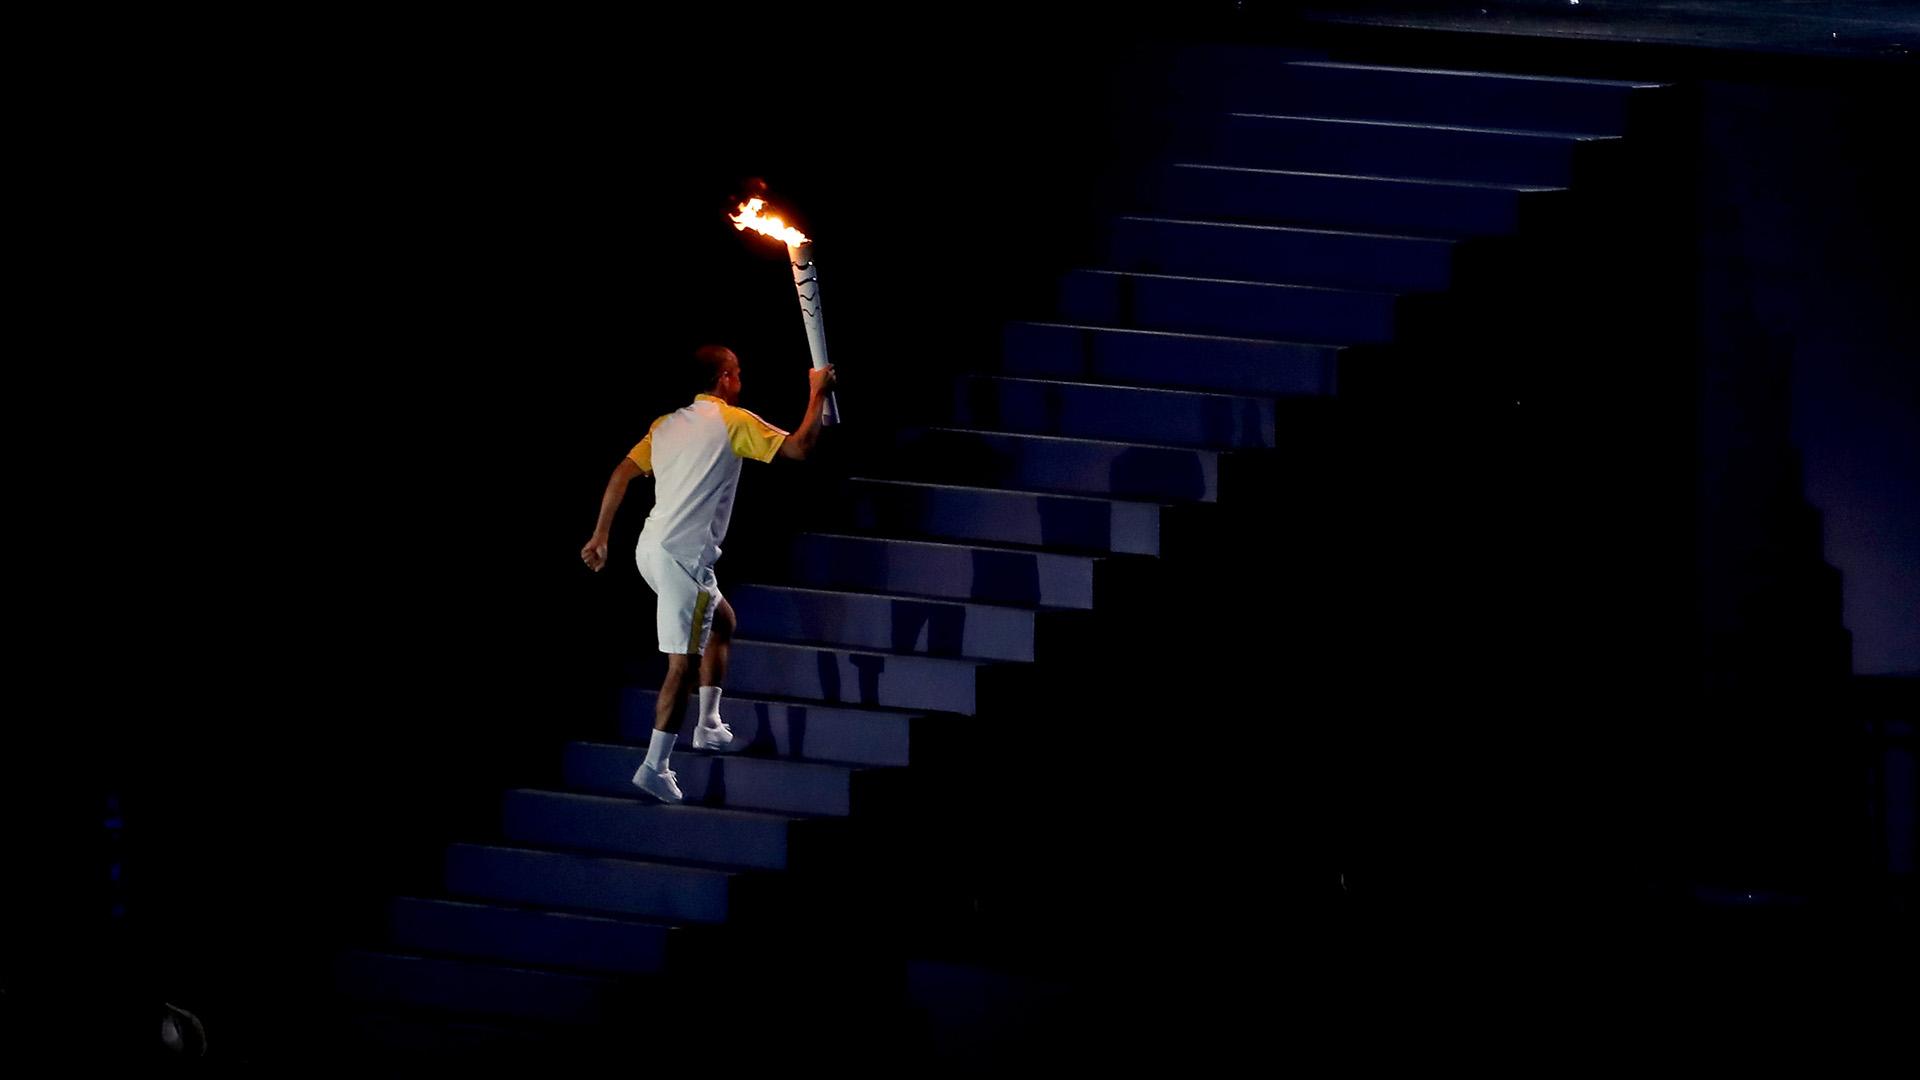 Rio 2016, ex maratoneta Cordeiro De Lima ultimo tedoforo